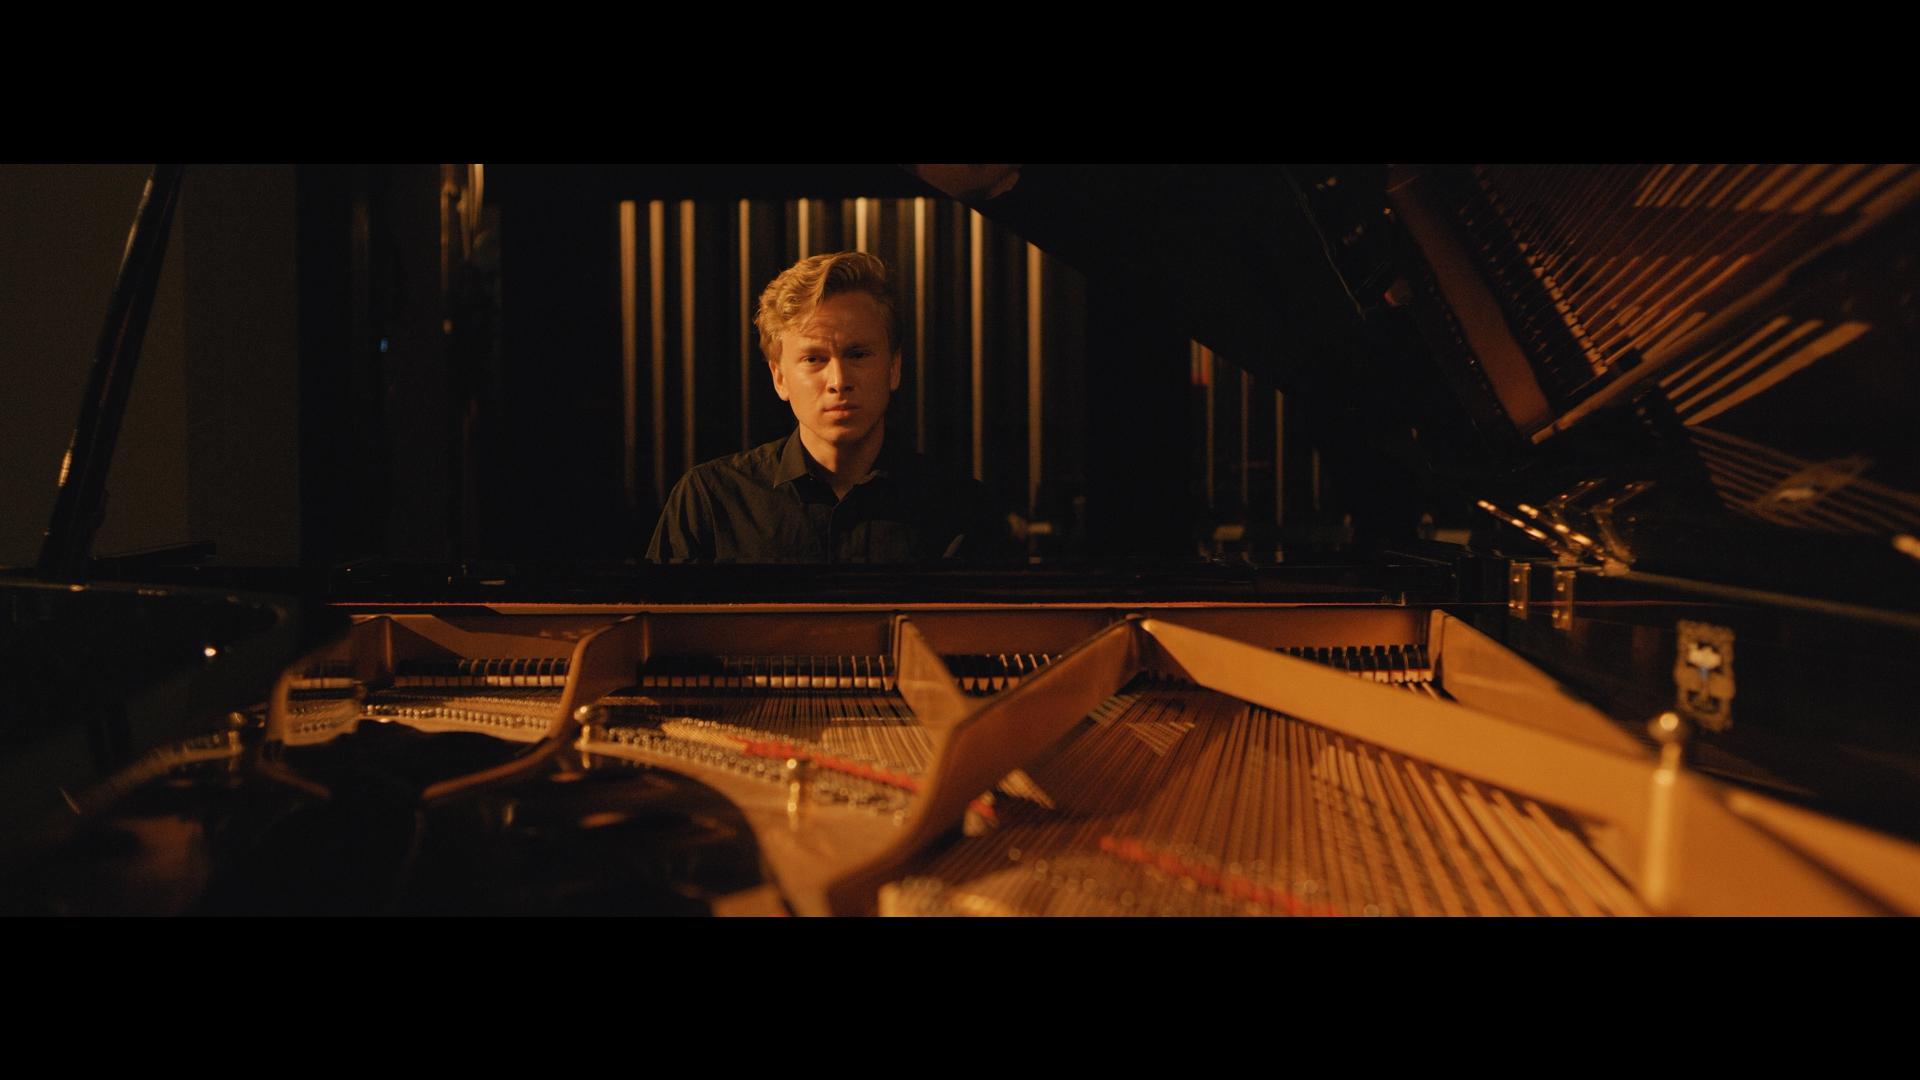 Nathan sits at a piano